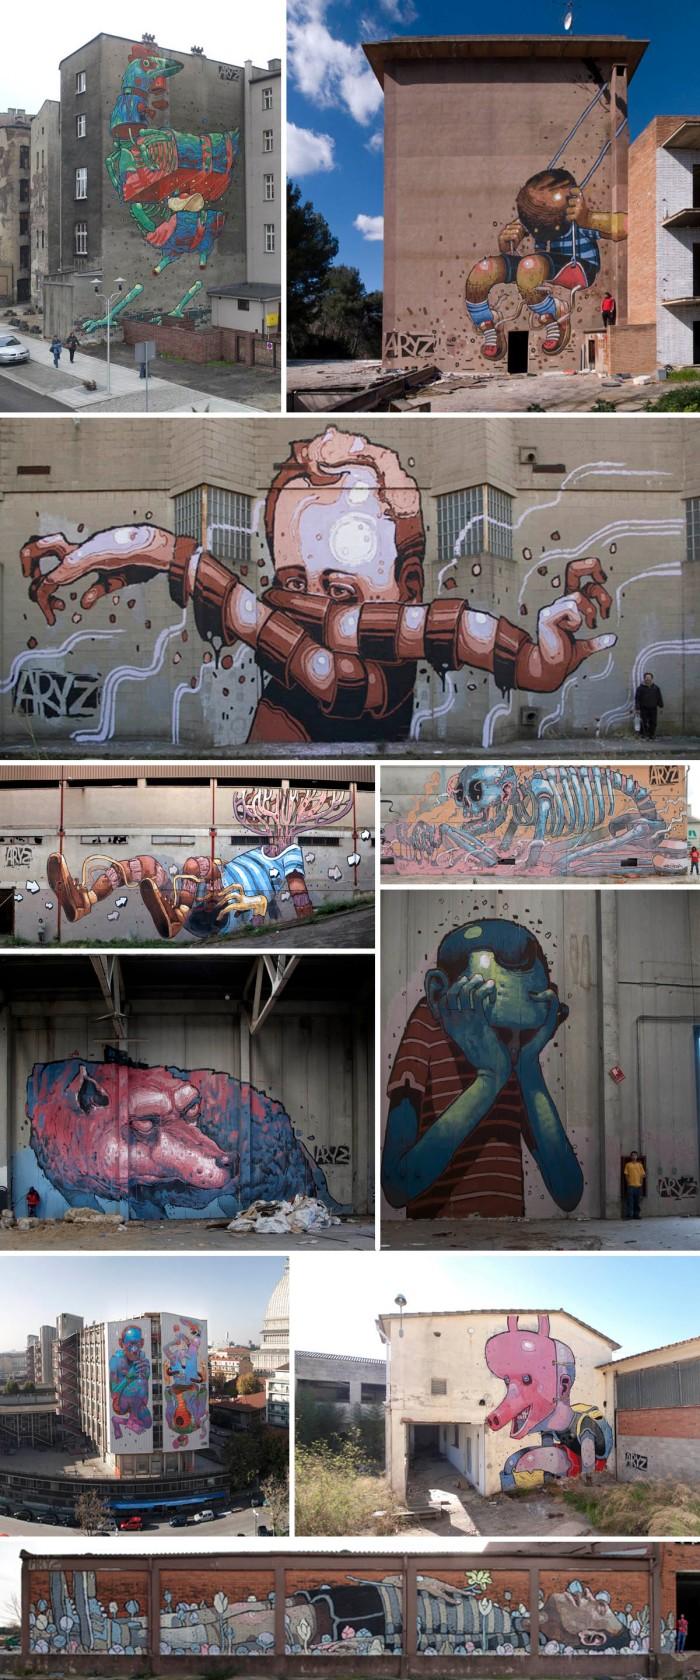 Aryz Street Art from Spain